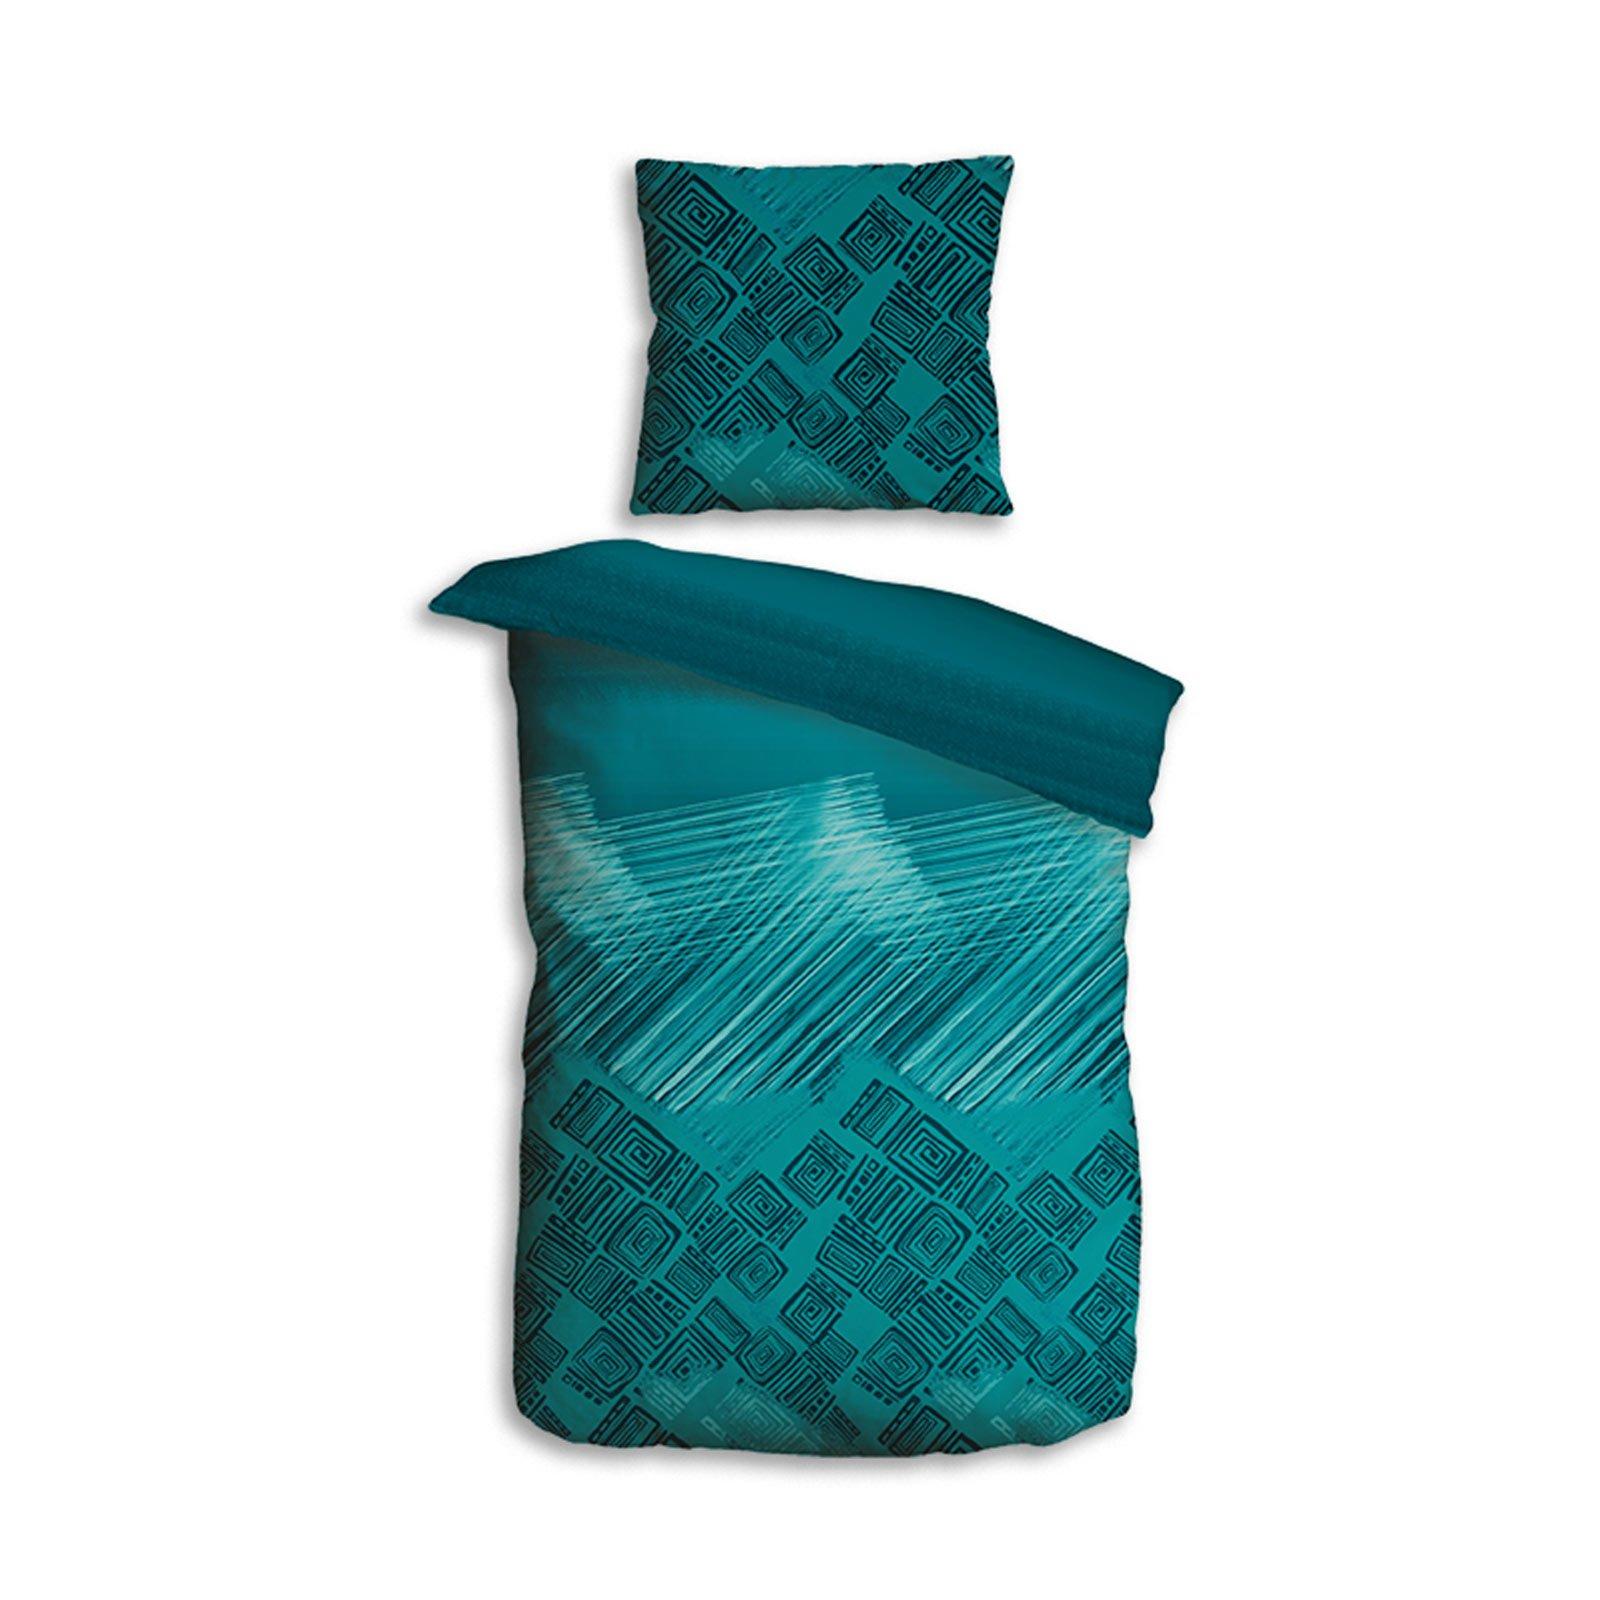 homara microfaser bettw sche urban spirit petrol. Black Bedroom Furniture Sets. Home Design Ideas